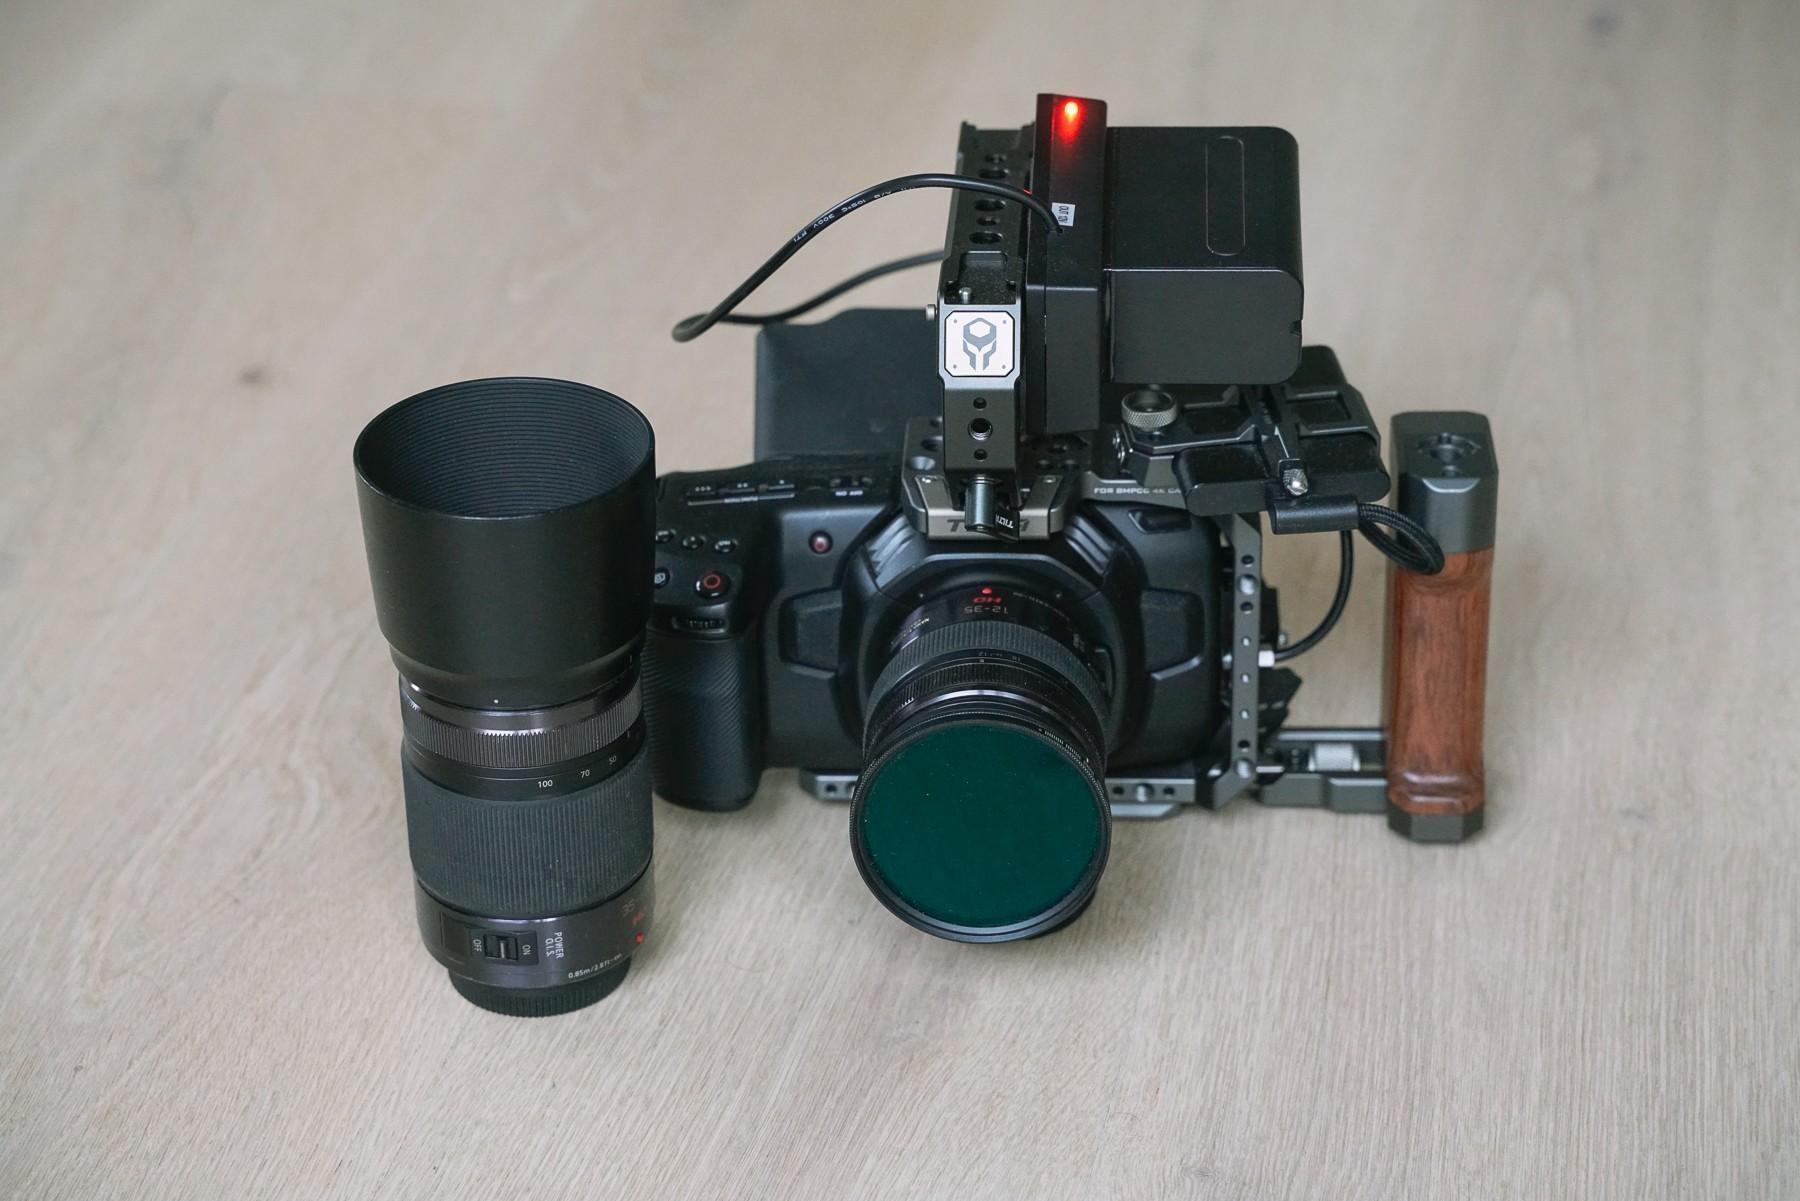 BMPCC4K med Tilta Cage, Sony NP-F960 batteri og et par Lumix objektiver